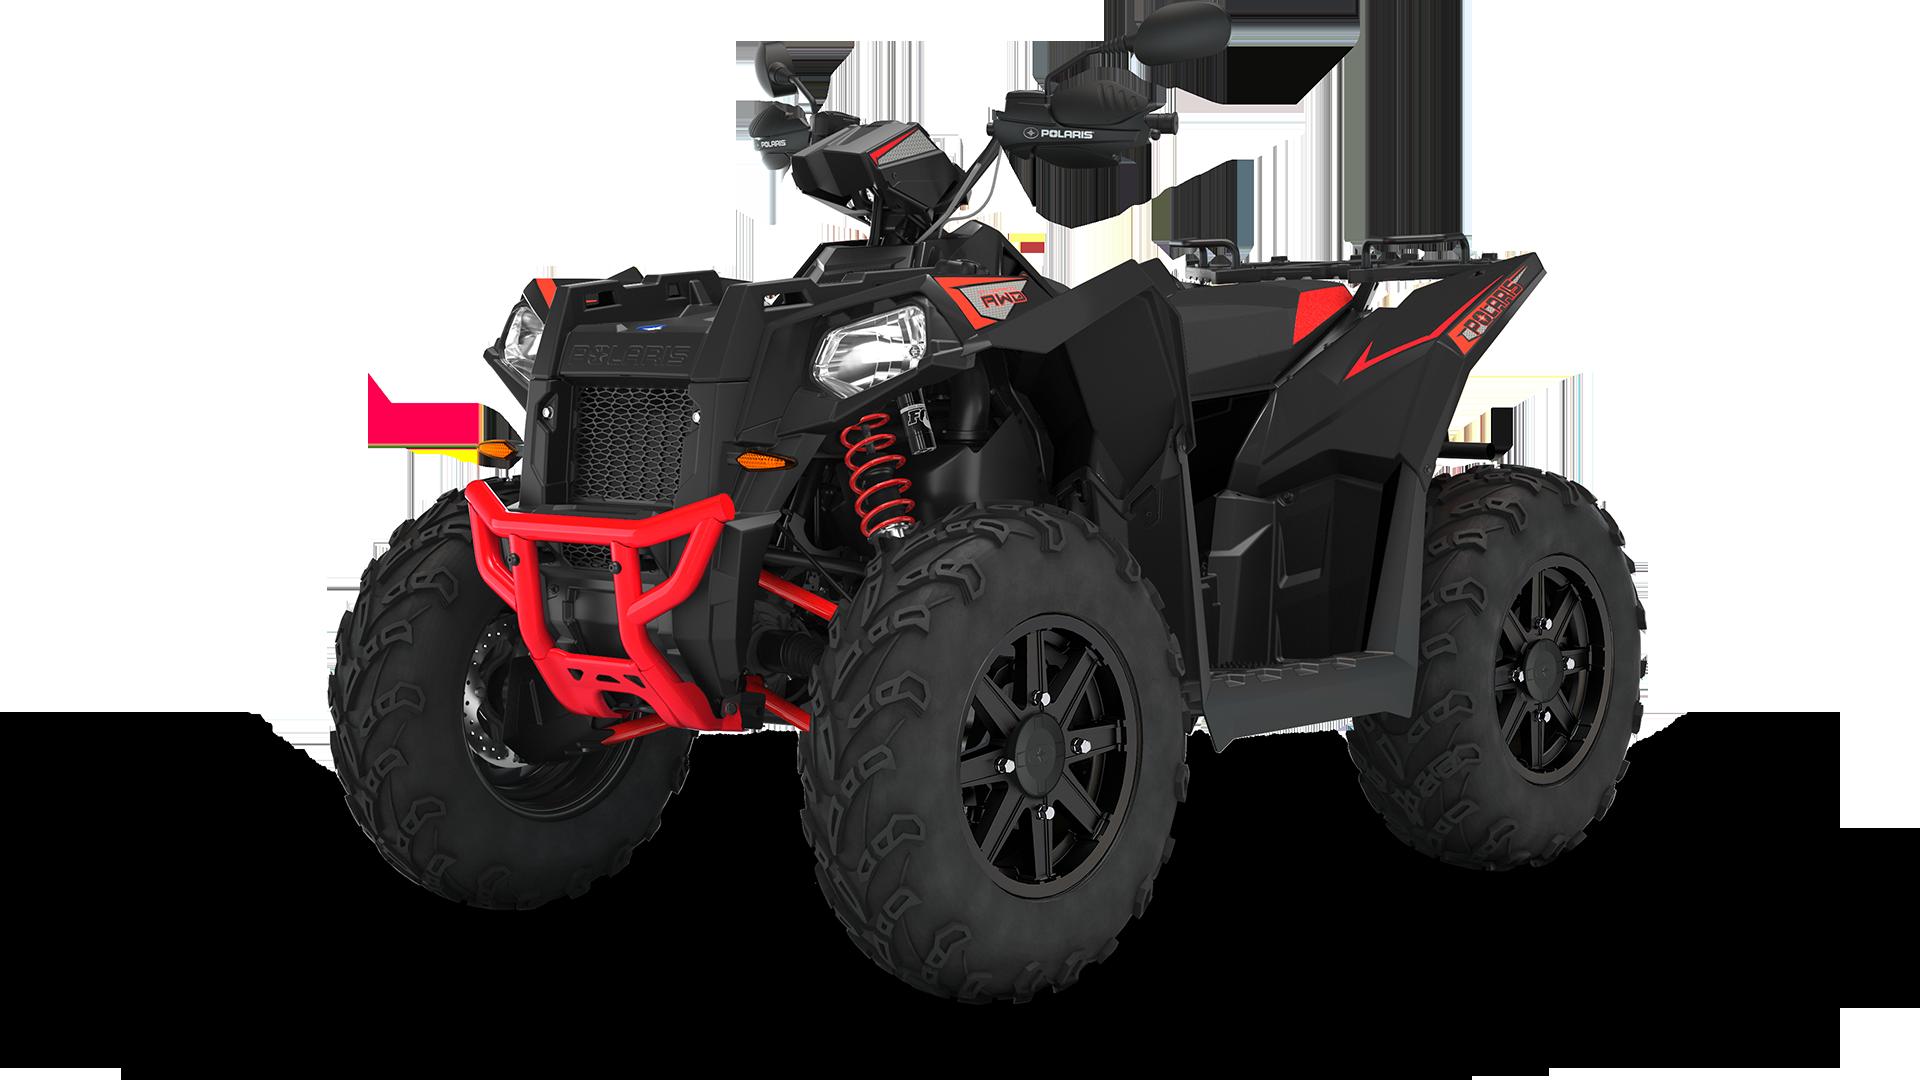 ATV Polaris Scrambler XP 1000 2022